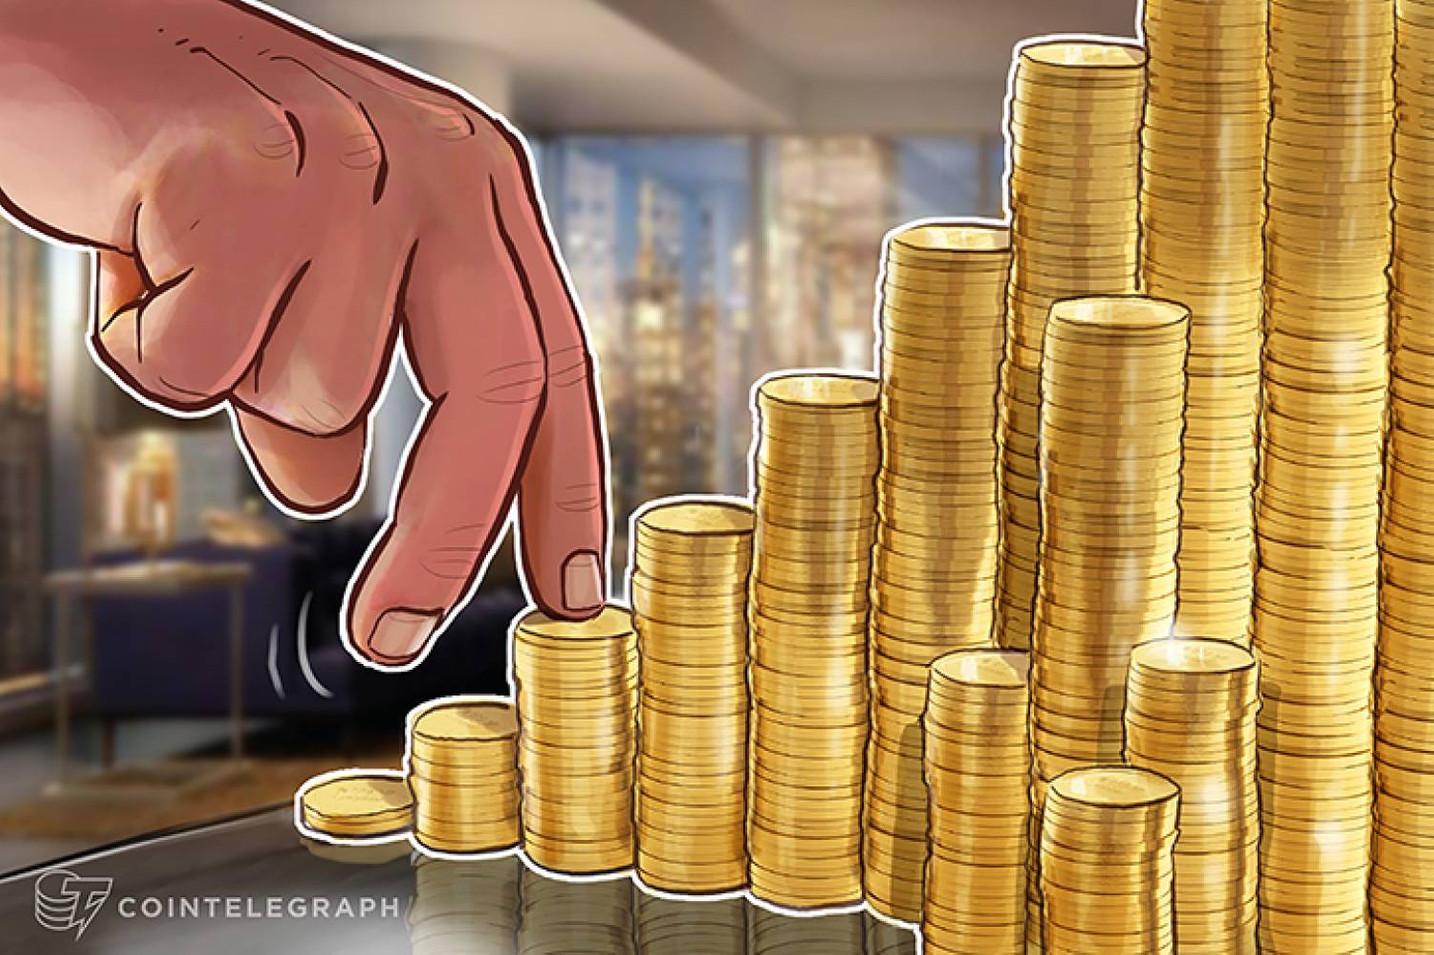 Schweizer Krypto-Fintech Amun bekommt vier Millionen US-Dollar bei Finanzierungsrunde